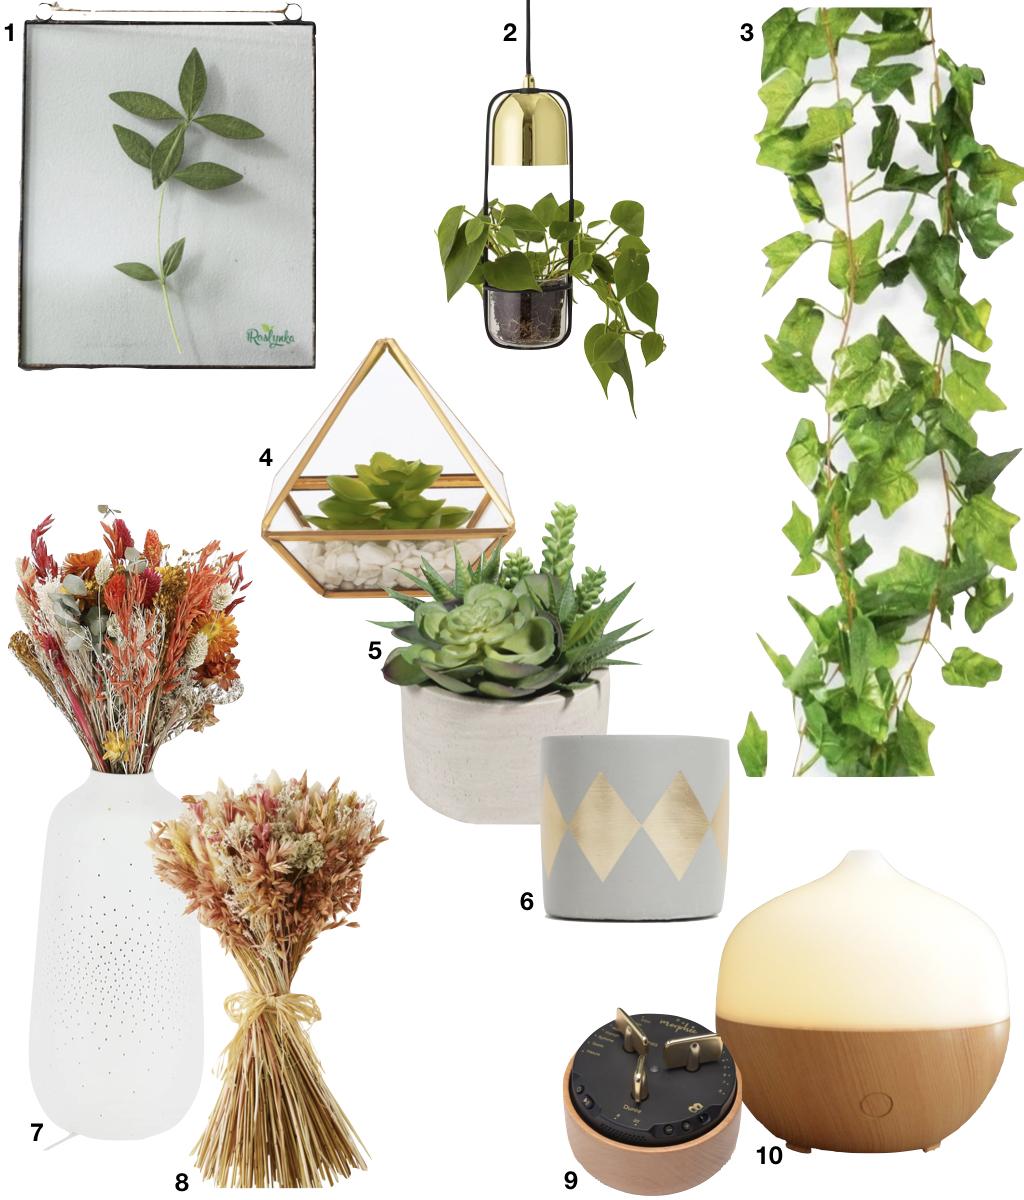 déco végétale plante grimpante vase lumineux plante grasse diffuseur d'huile essentielle